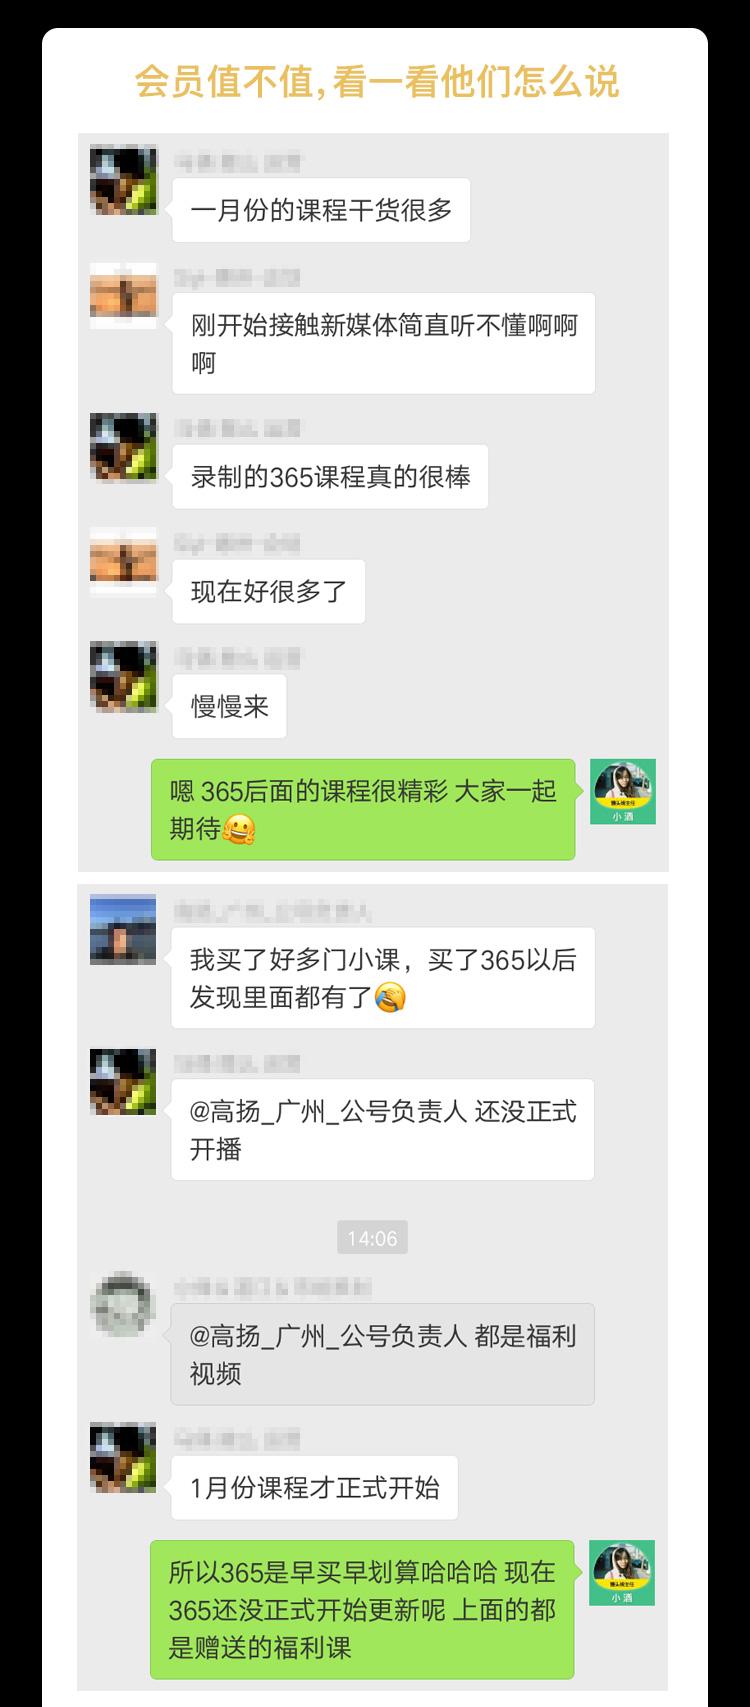 http://mtedu-img.oss-cn-beijing-internal.aliyuncs.com/ueditor/20190916155217_133297.png